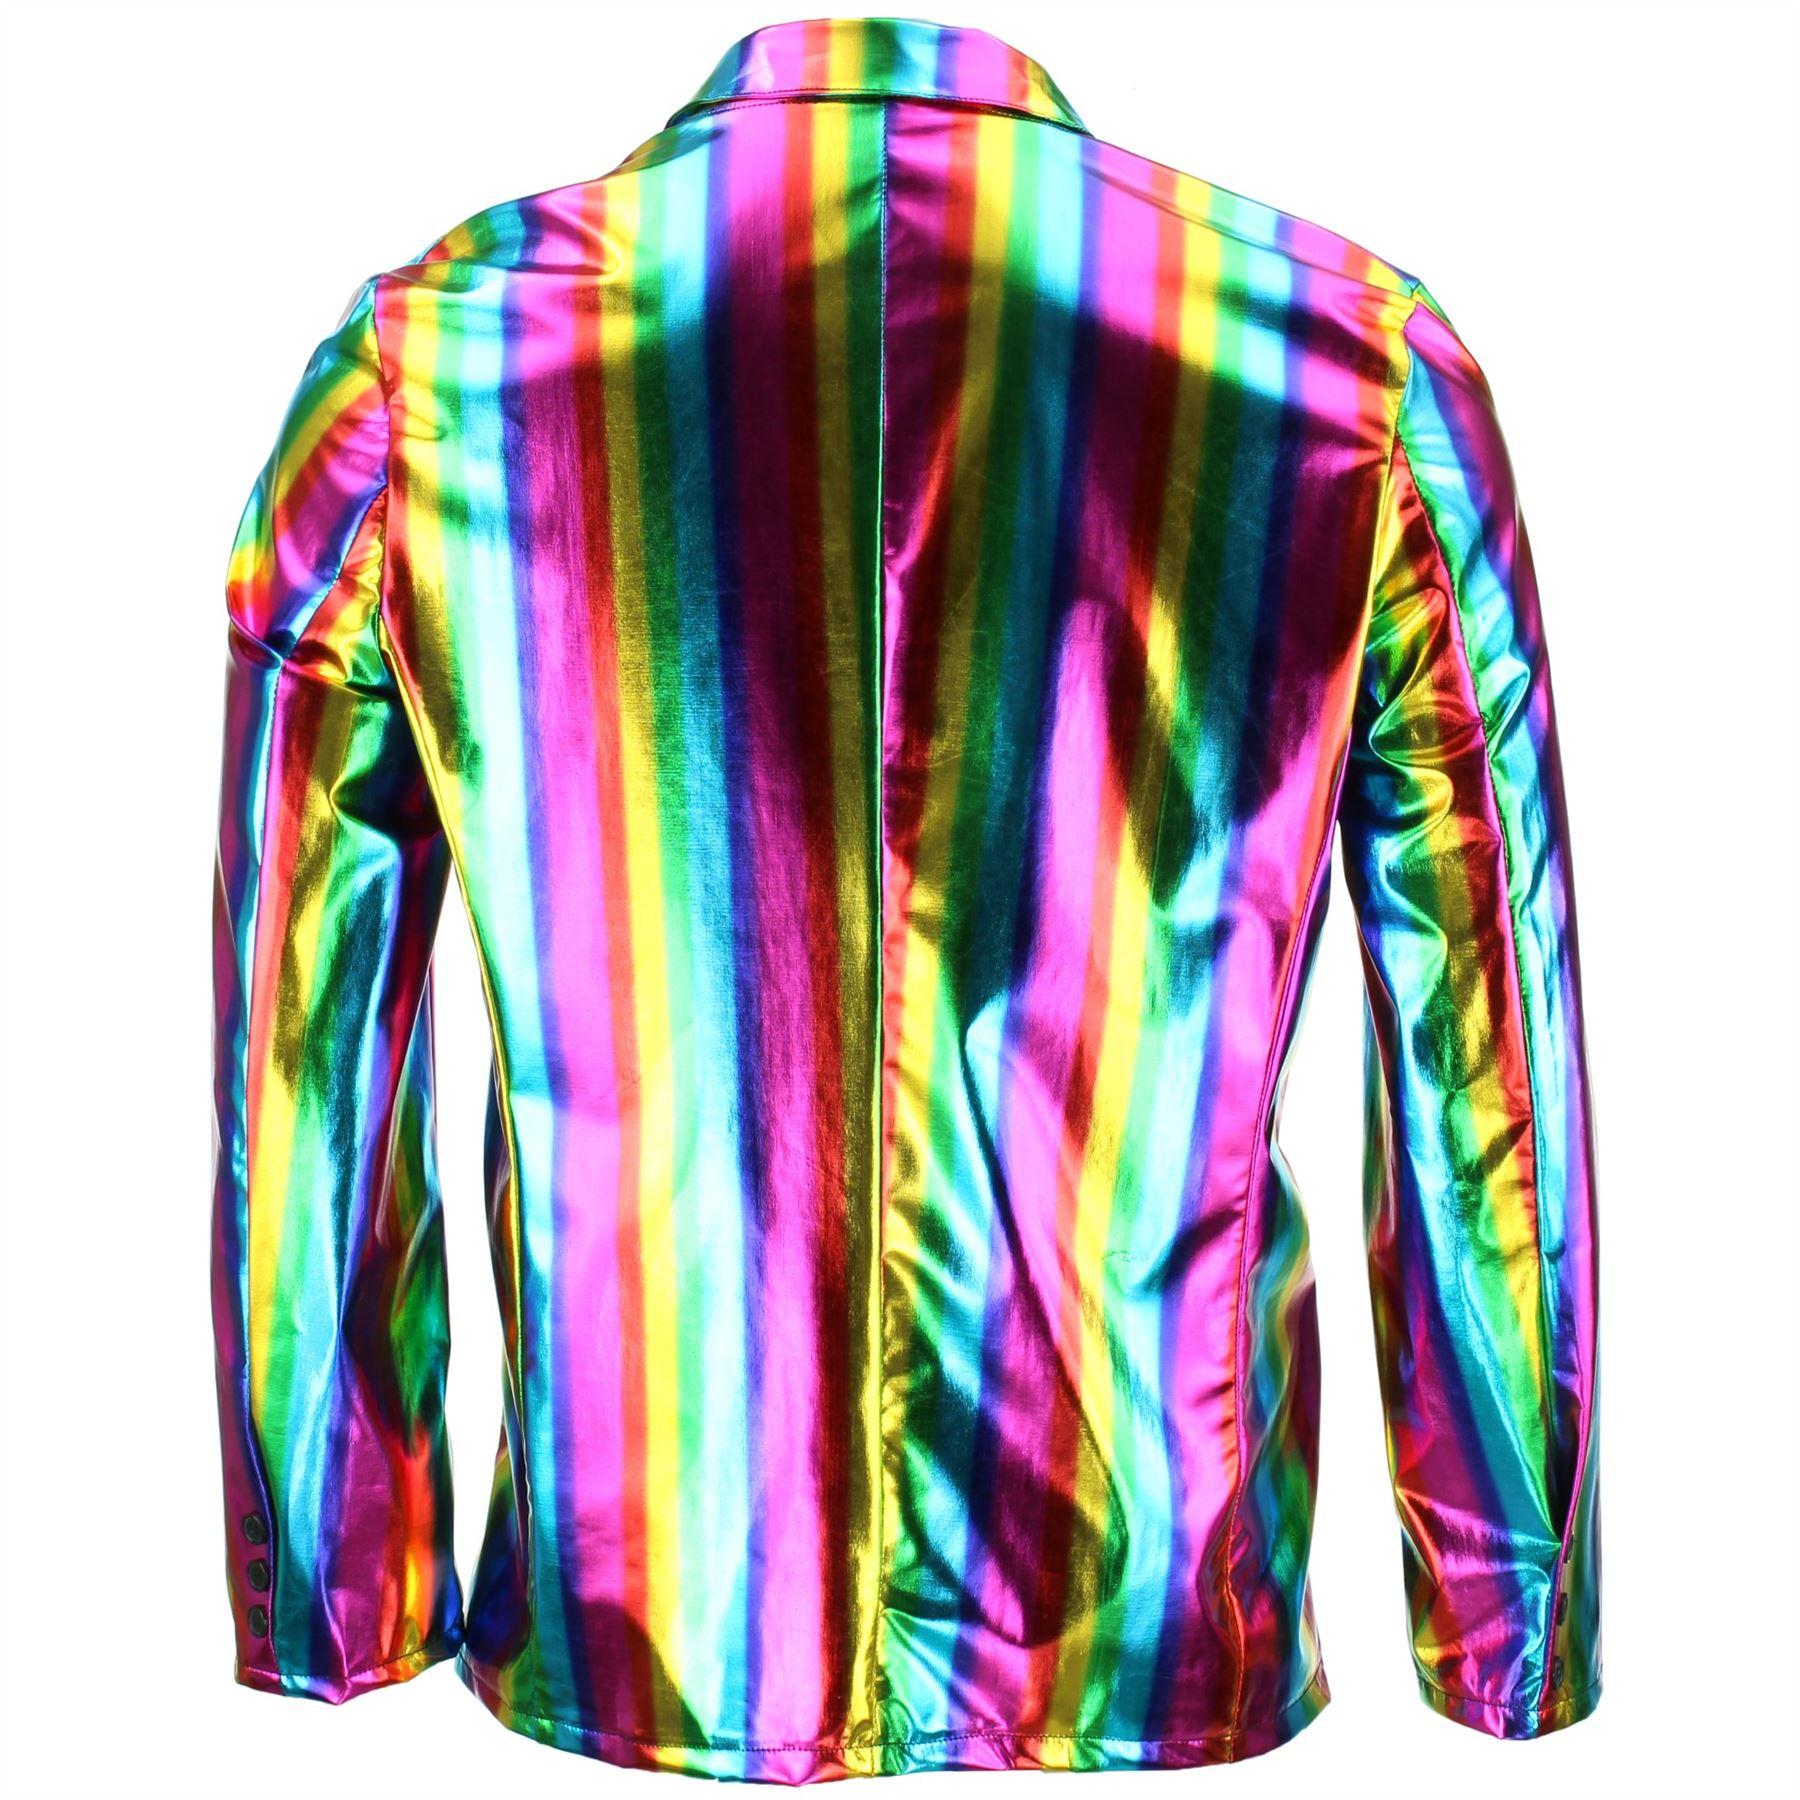 Shiny-Metallic-Blazer-Firefly-Waistcoat-Party-Dressing-up thumbnail 6